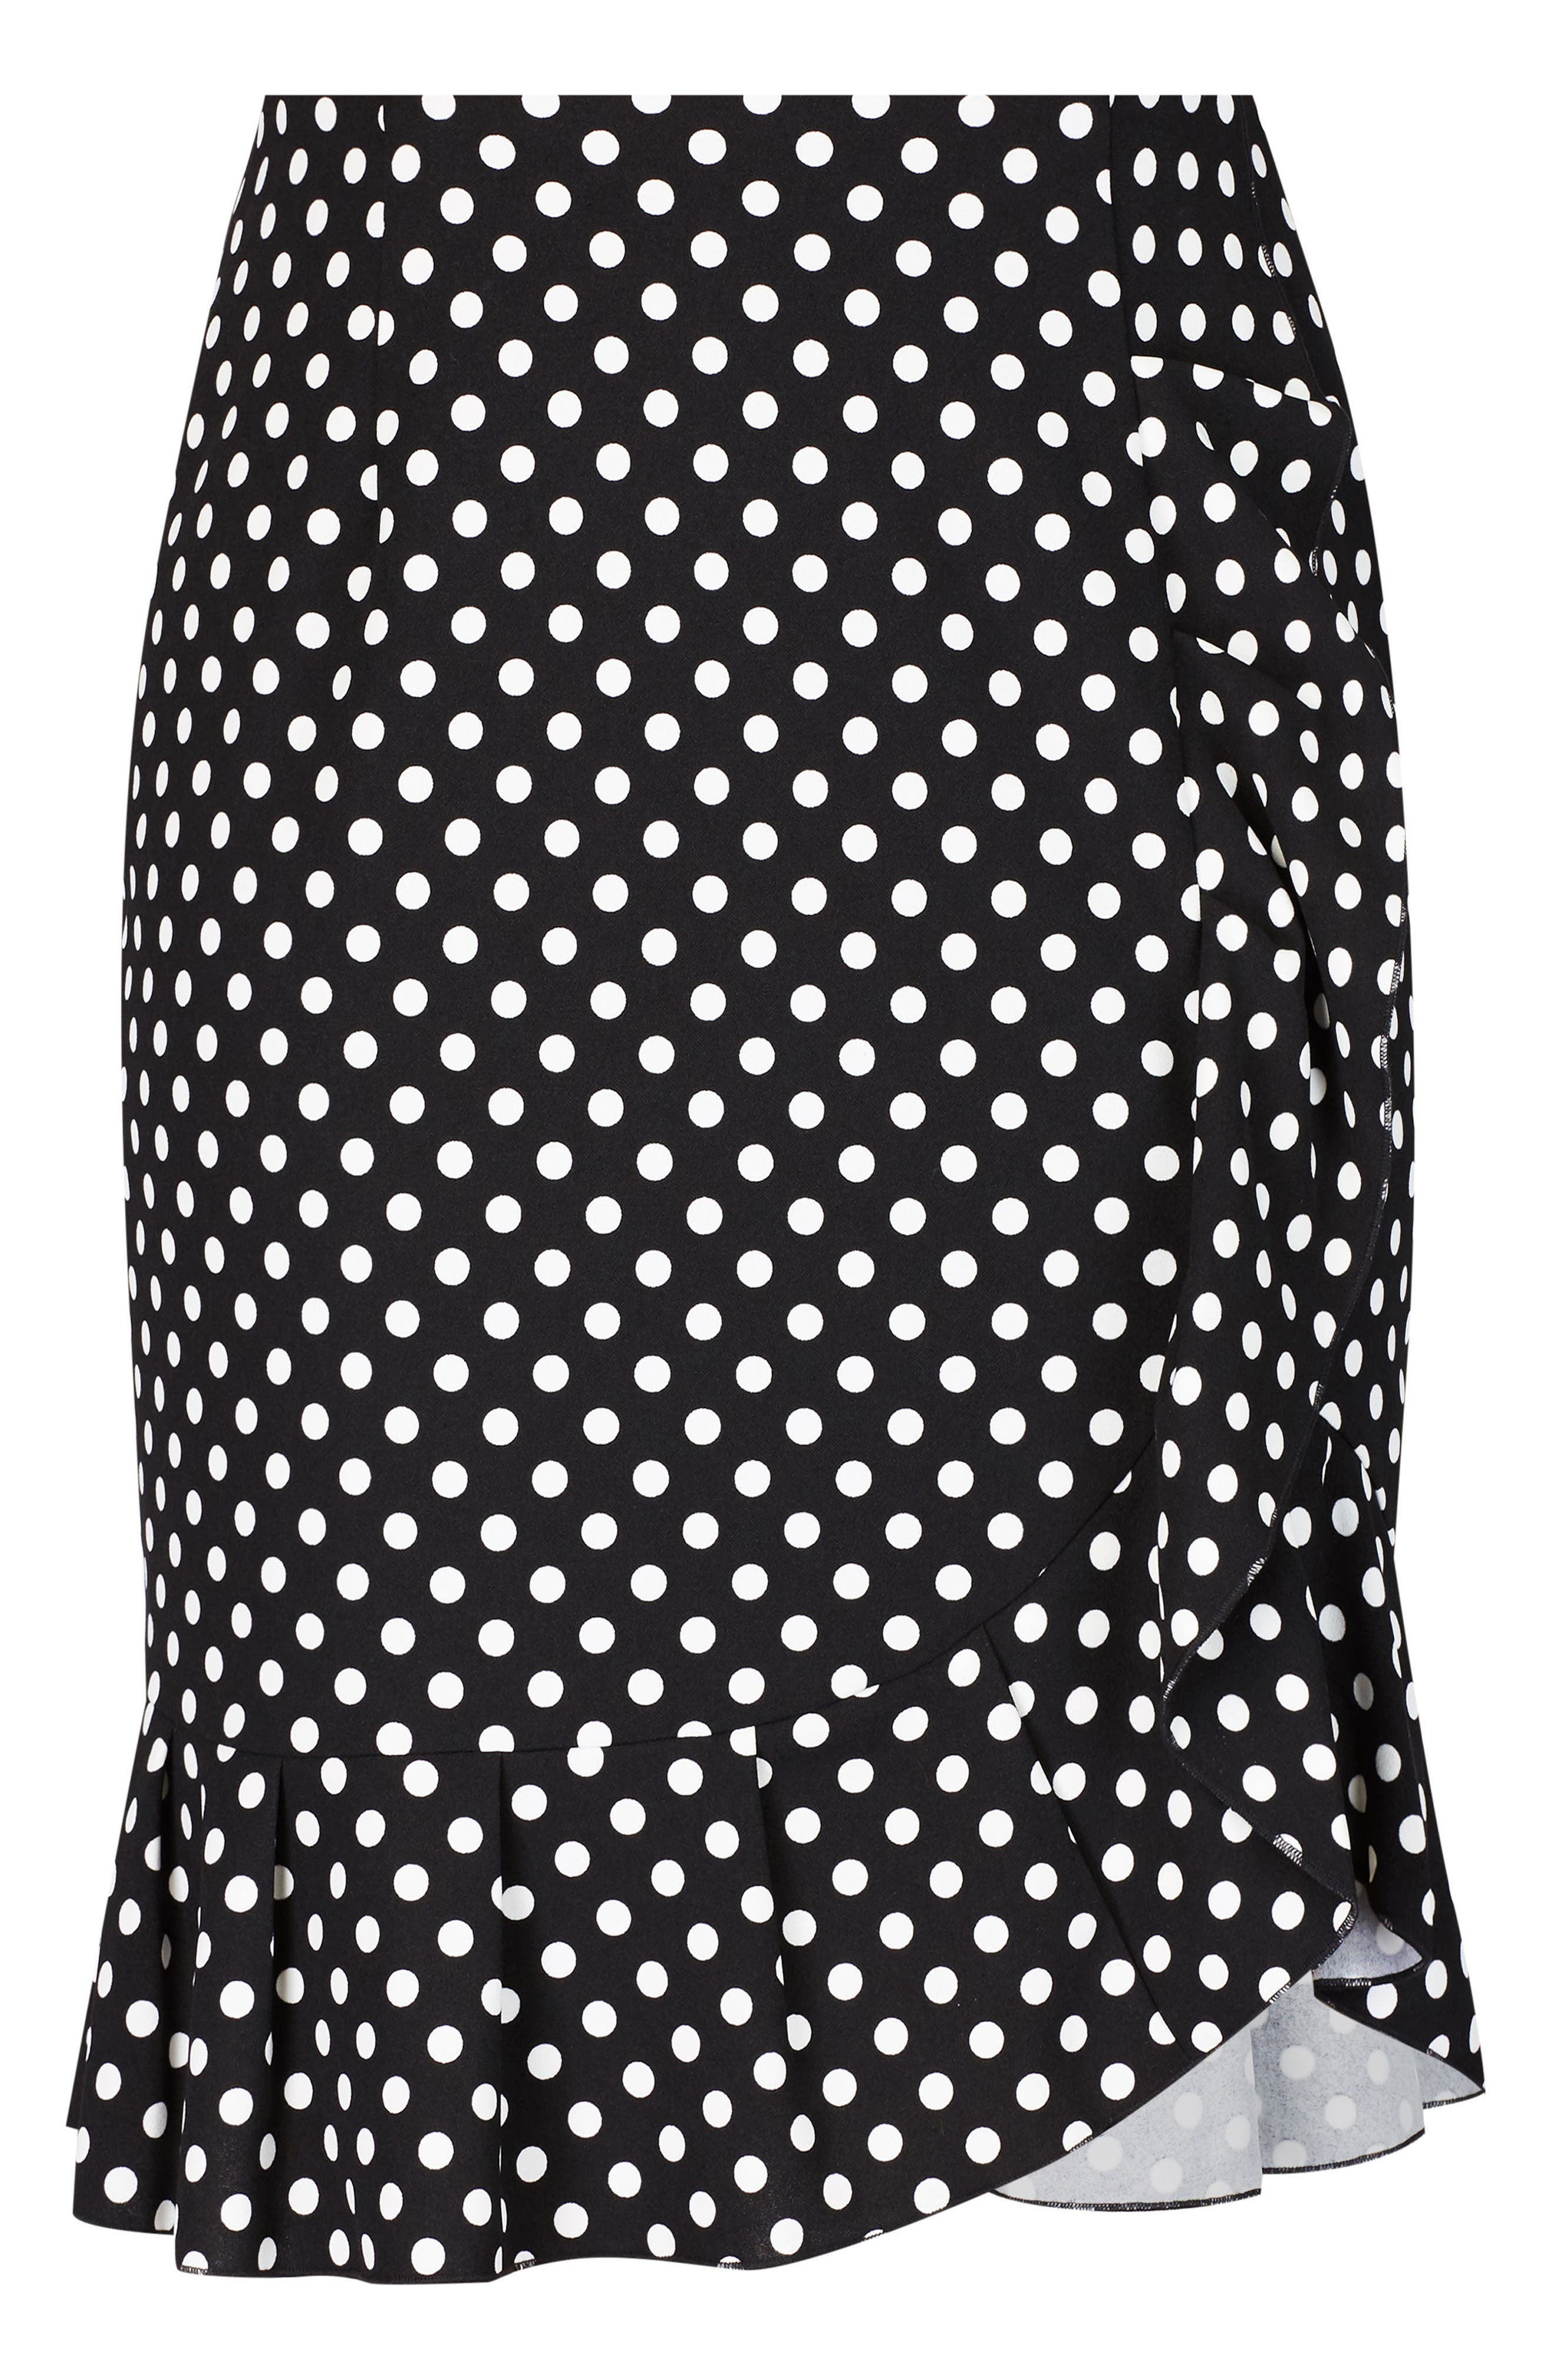 Spot Frill Skirt,                             Alternate thumbnail 3, color,                             BLACK SPOT